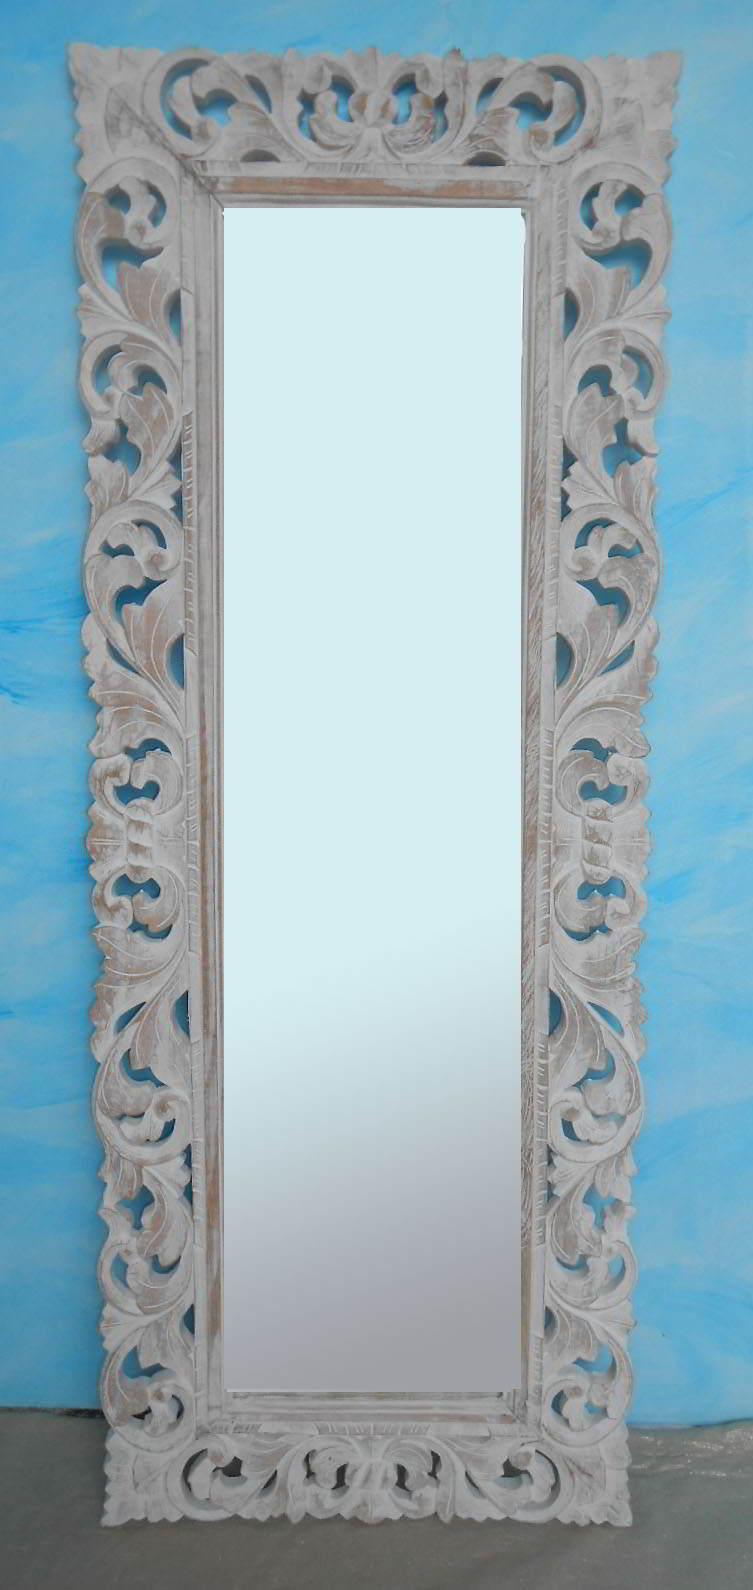 Specchi design specchi moderni specchi bagno specchi legno - Specchi da arredo moderni ...